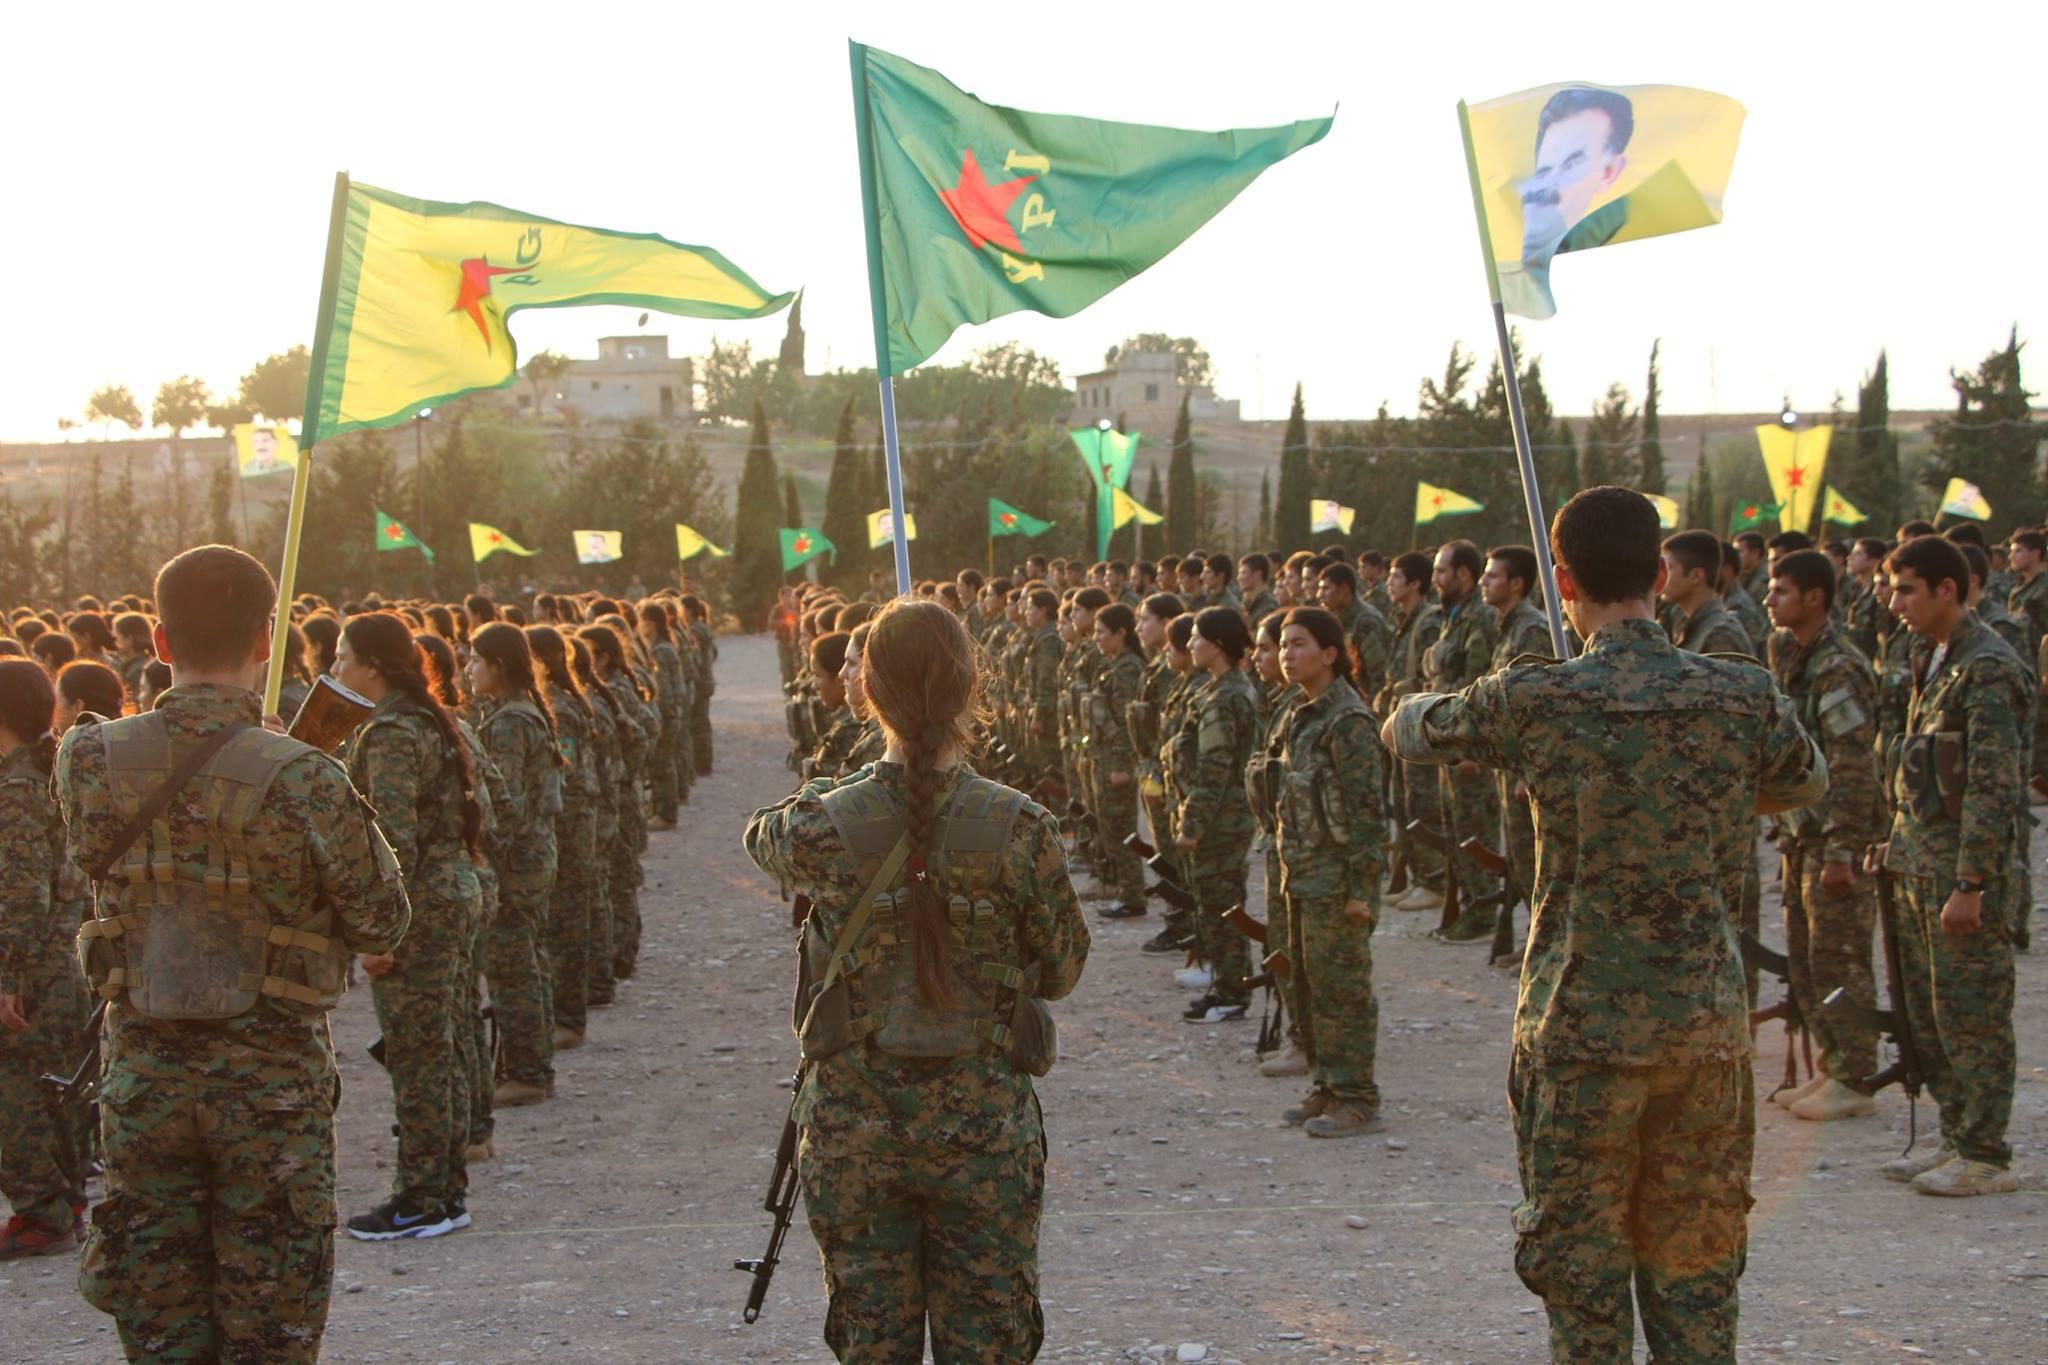 YPG:n ja YPJ:n kurditaistelijoita elokuussa 2016. Kuva: Kurdishstruggle / Flickr